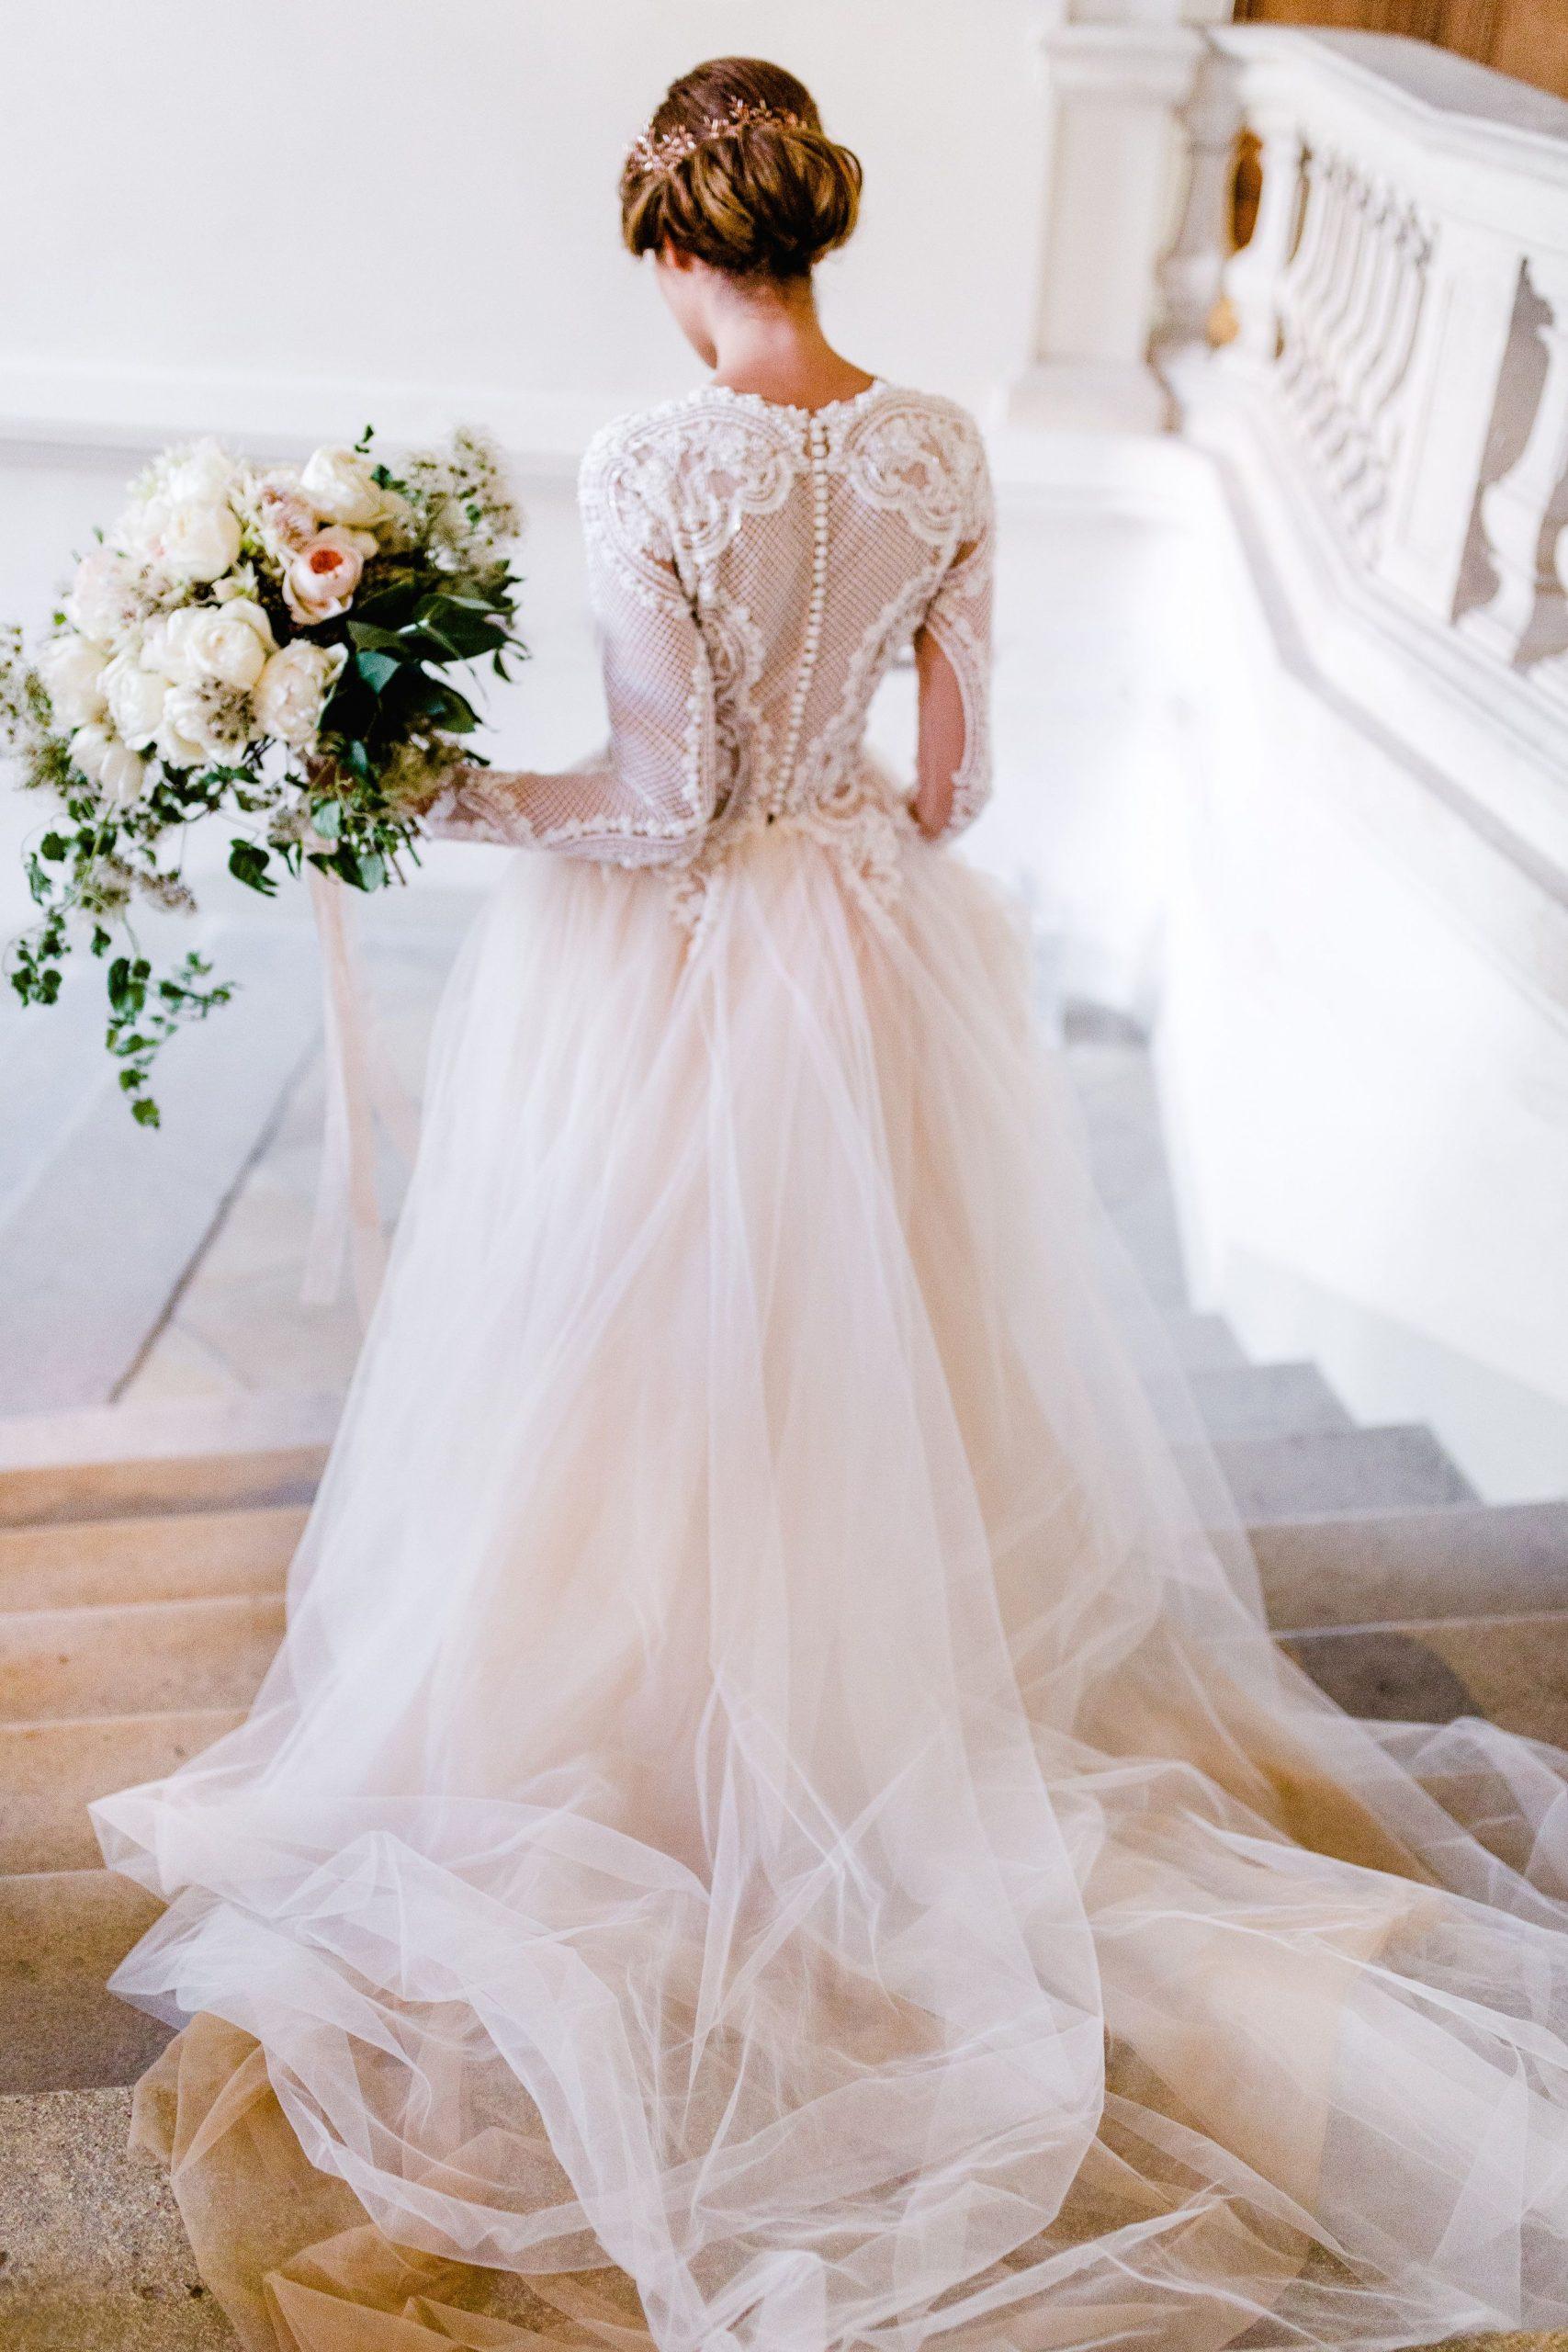 Schloss Eckartsau Bei Wien, Castle Wedding In Europe, Classy